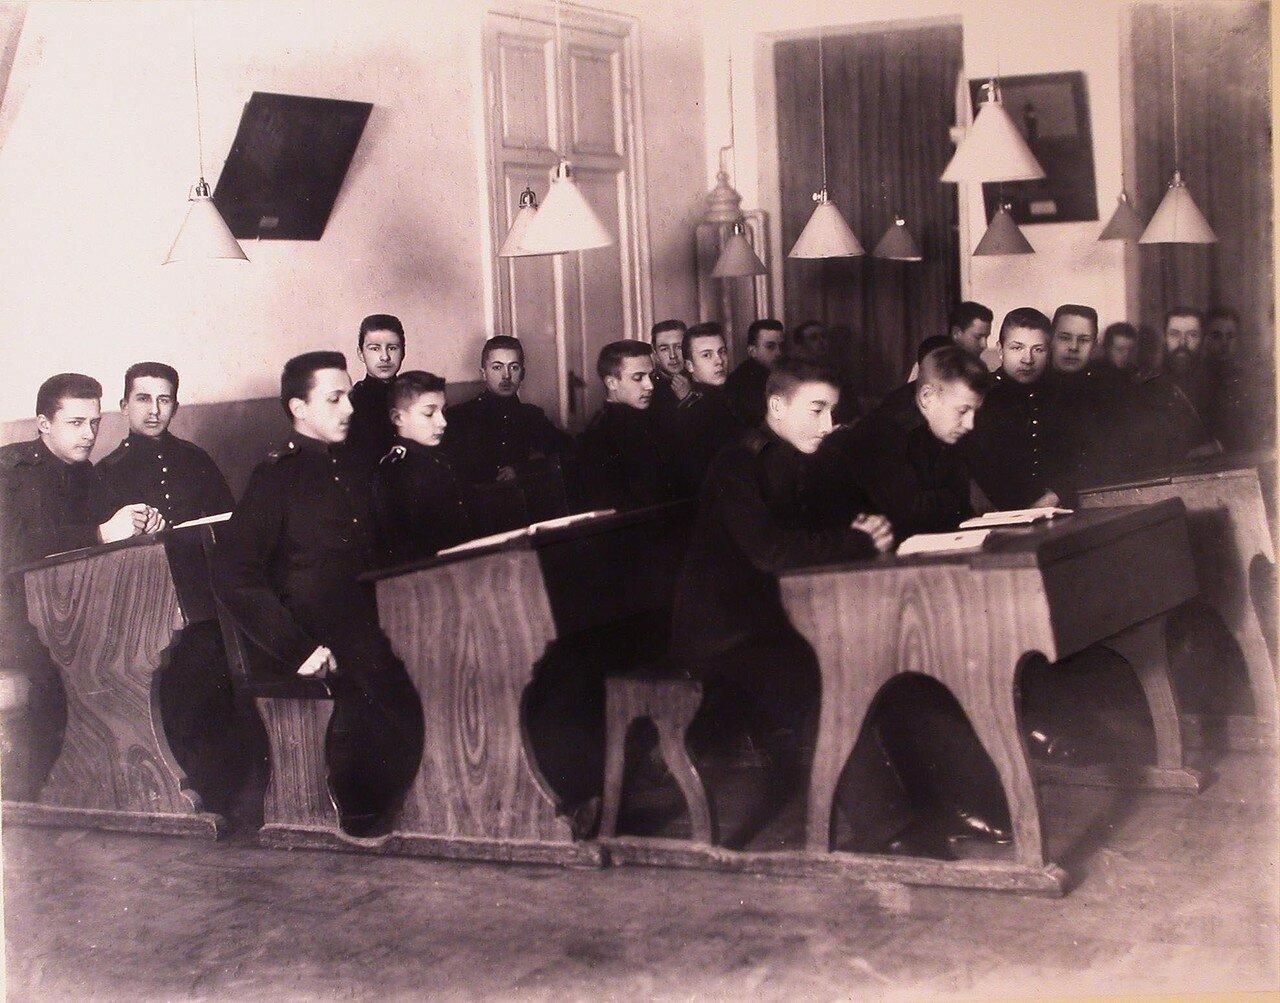 05. Воспитанники одного из старших классов кадетского корпуса во время урока